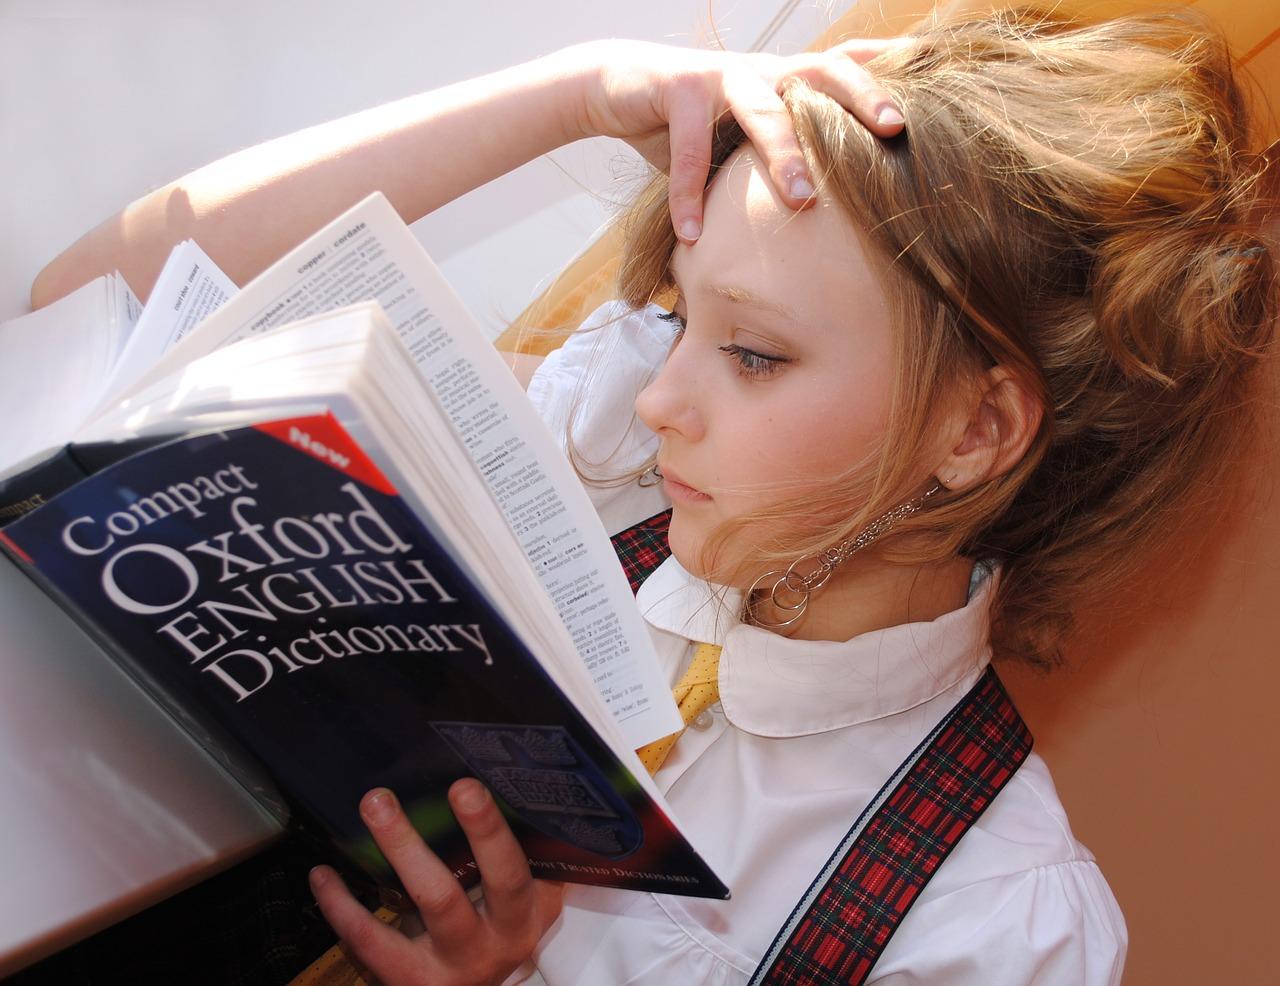 inglese per bambini corsi